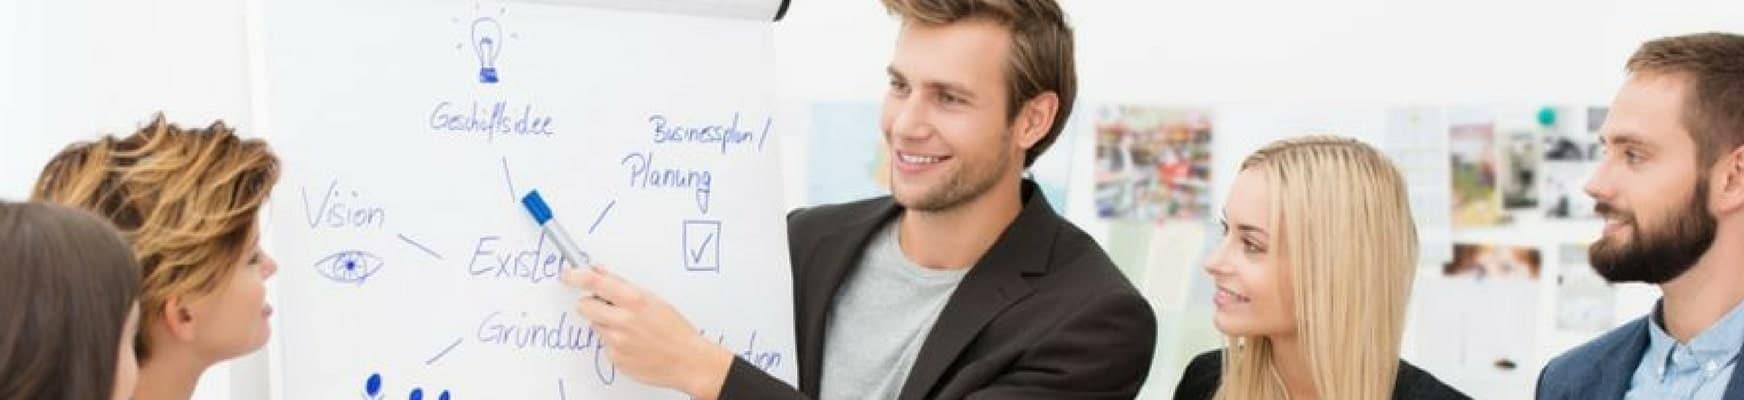 develop a fintech startup